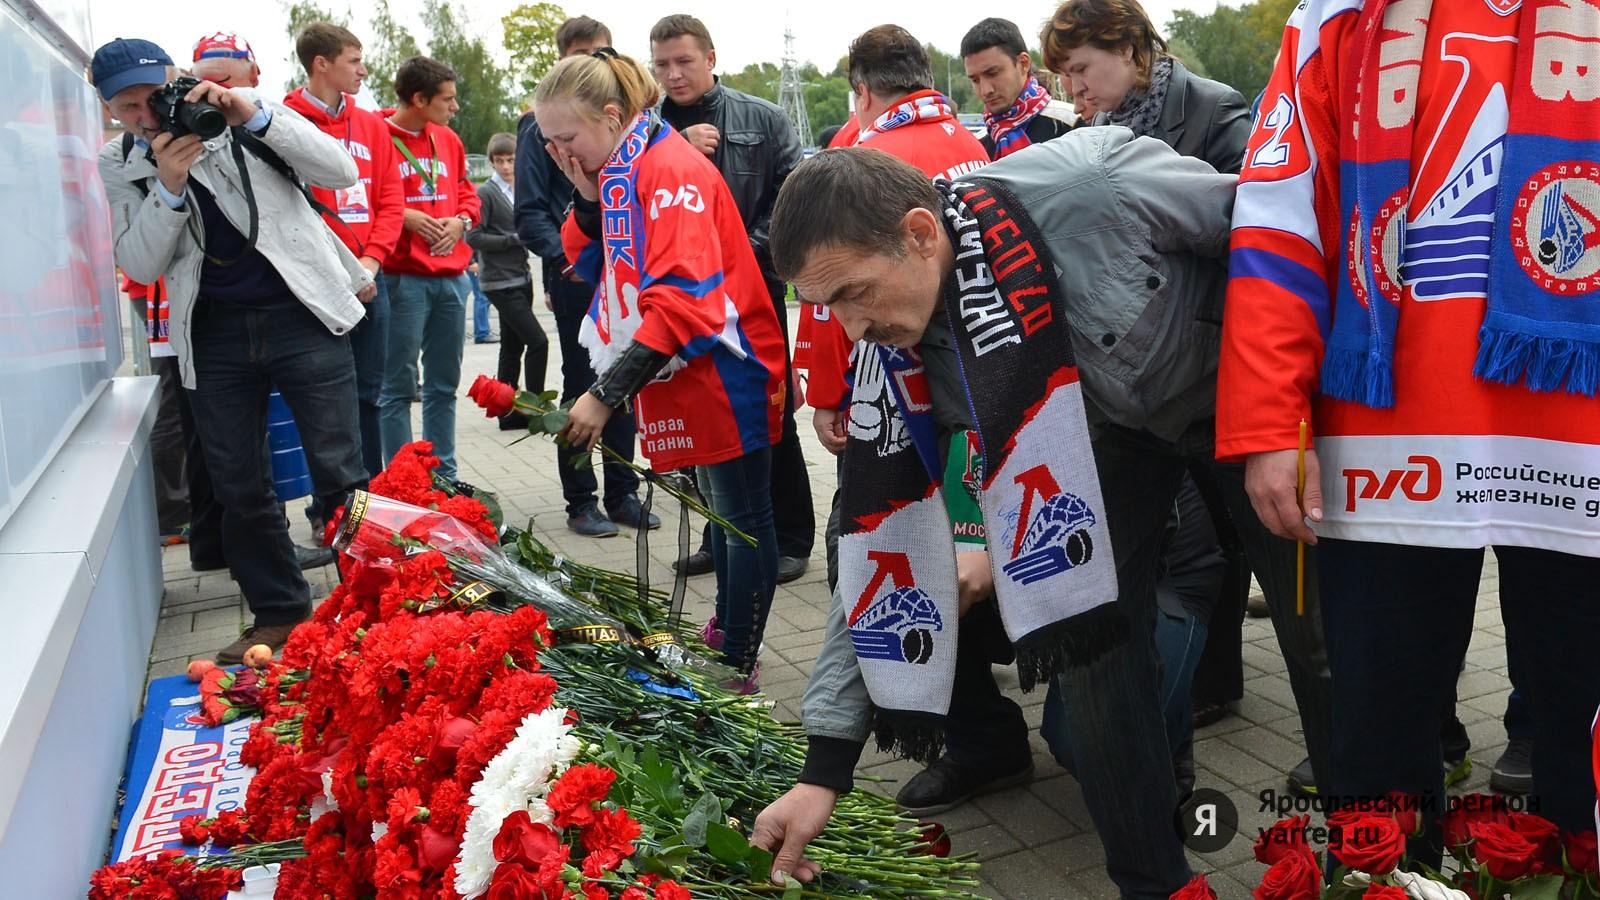 В Рыбинске пройдет митинг в память о погибших хоккеистов «Локомотива»